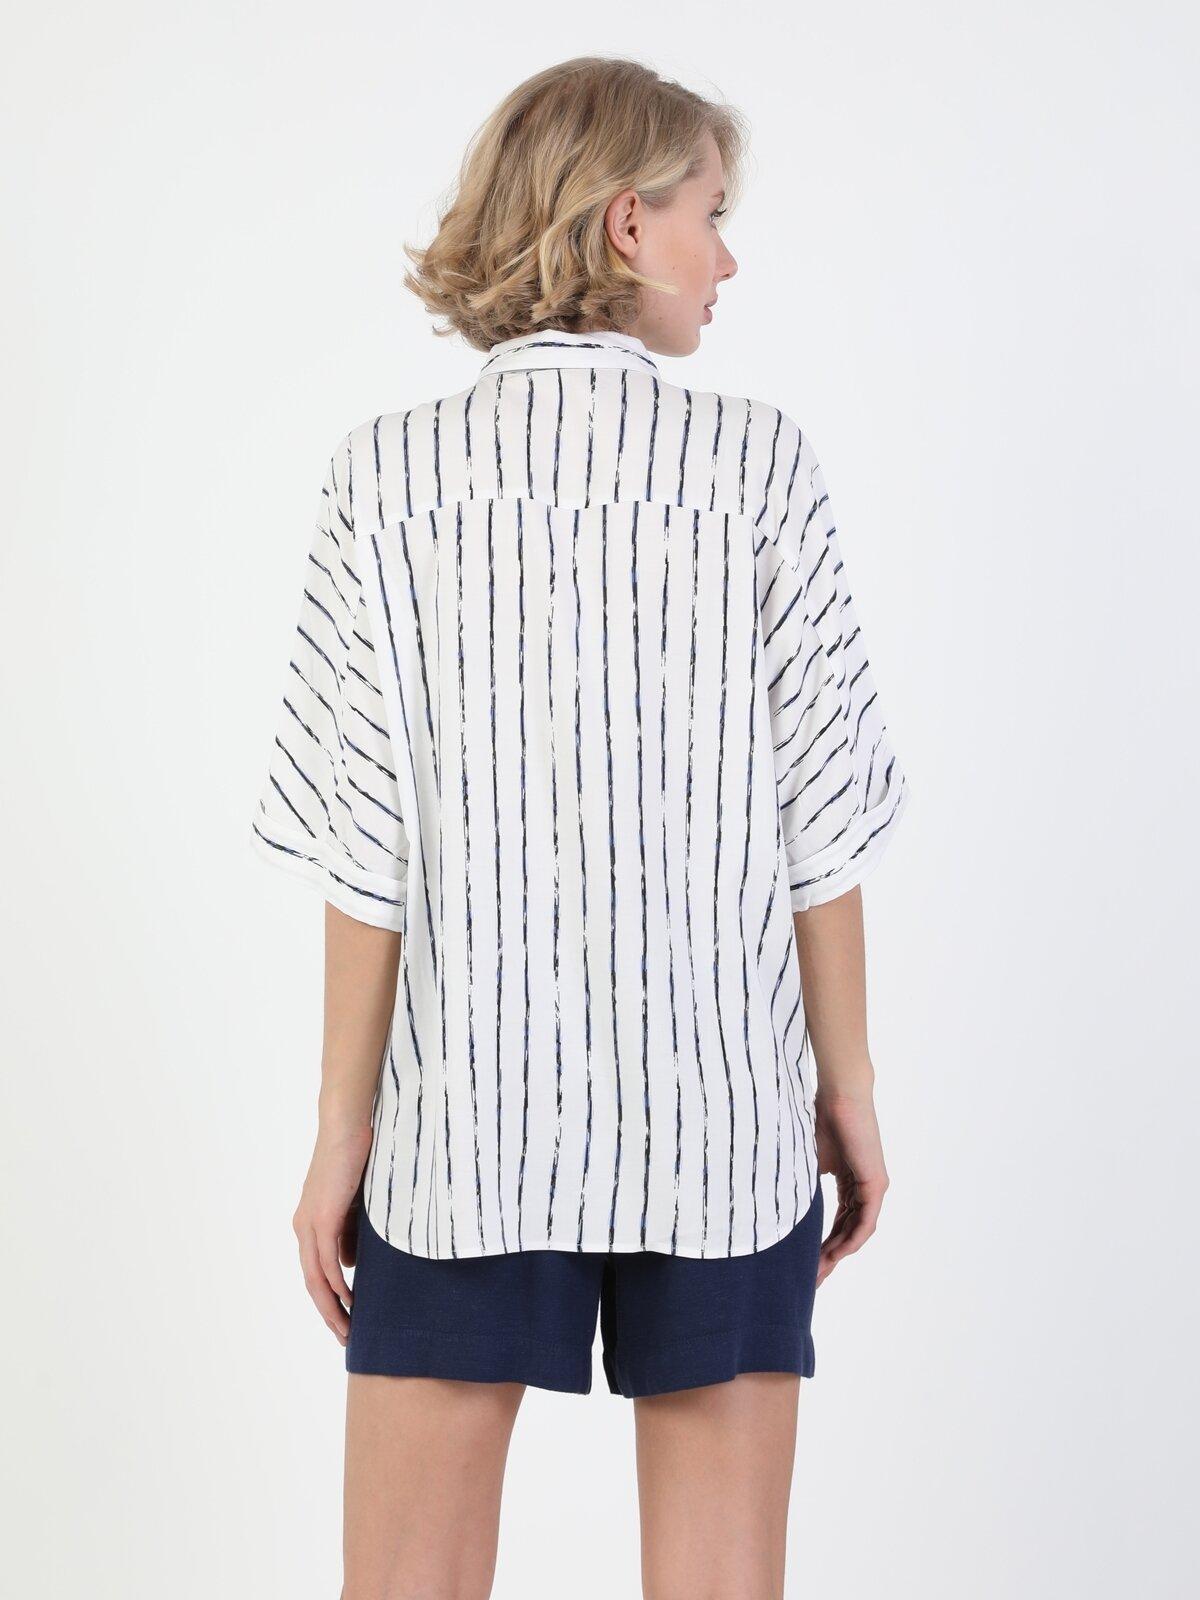 Blouse Shirt Neck Kadın Beyaz Kısa Kol Gömlek